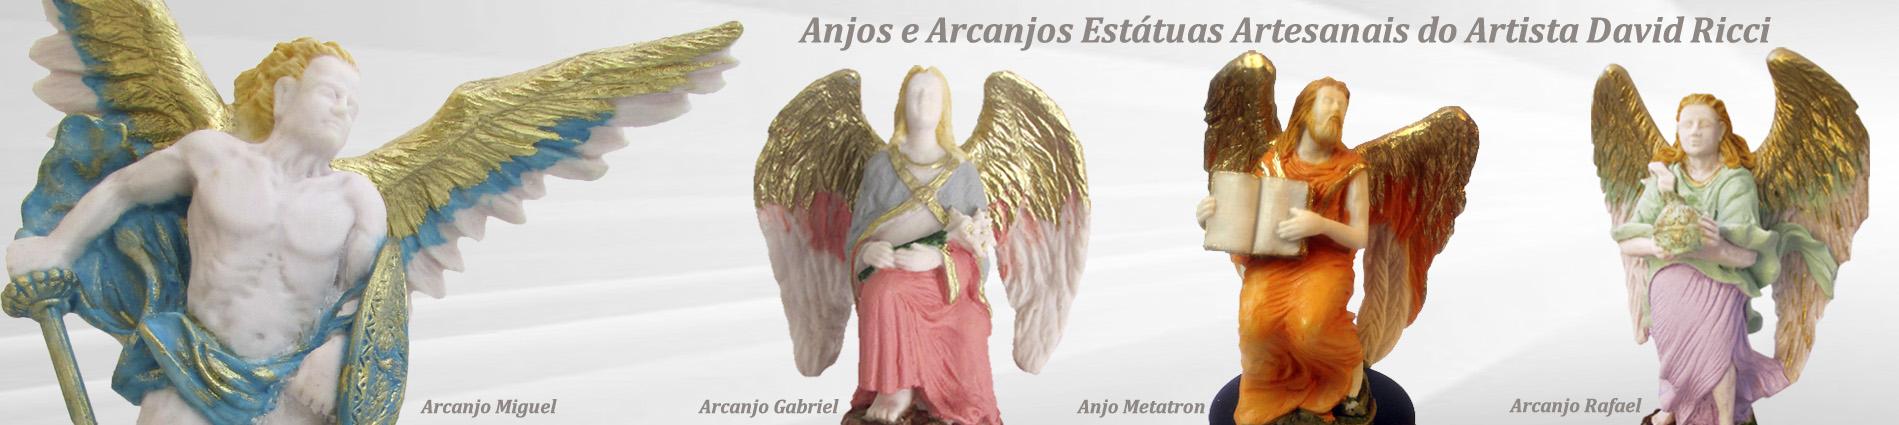 https://cdn.brasilesoterico.com/imagens_banners/c53f83a7d3944449120e89b4541795a5.jpg